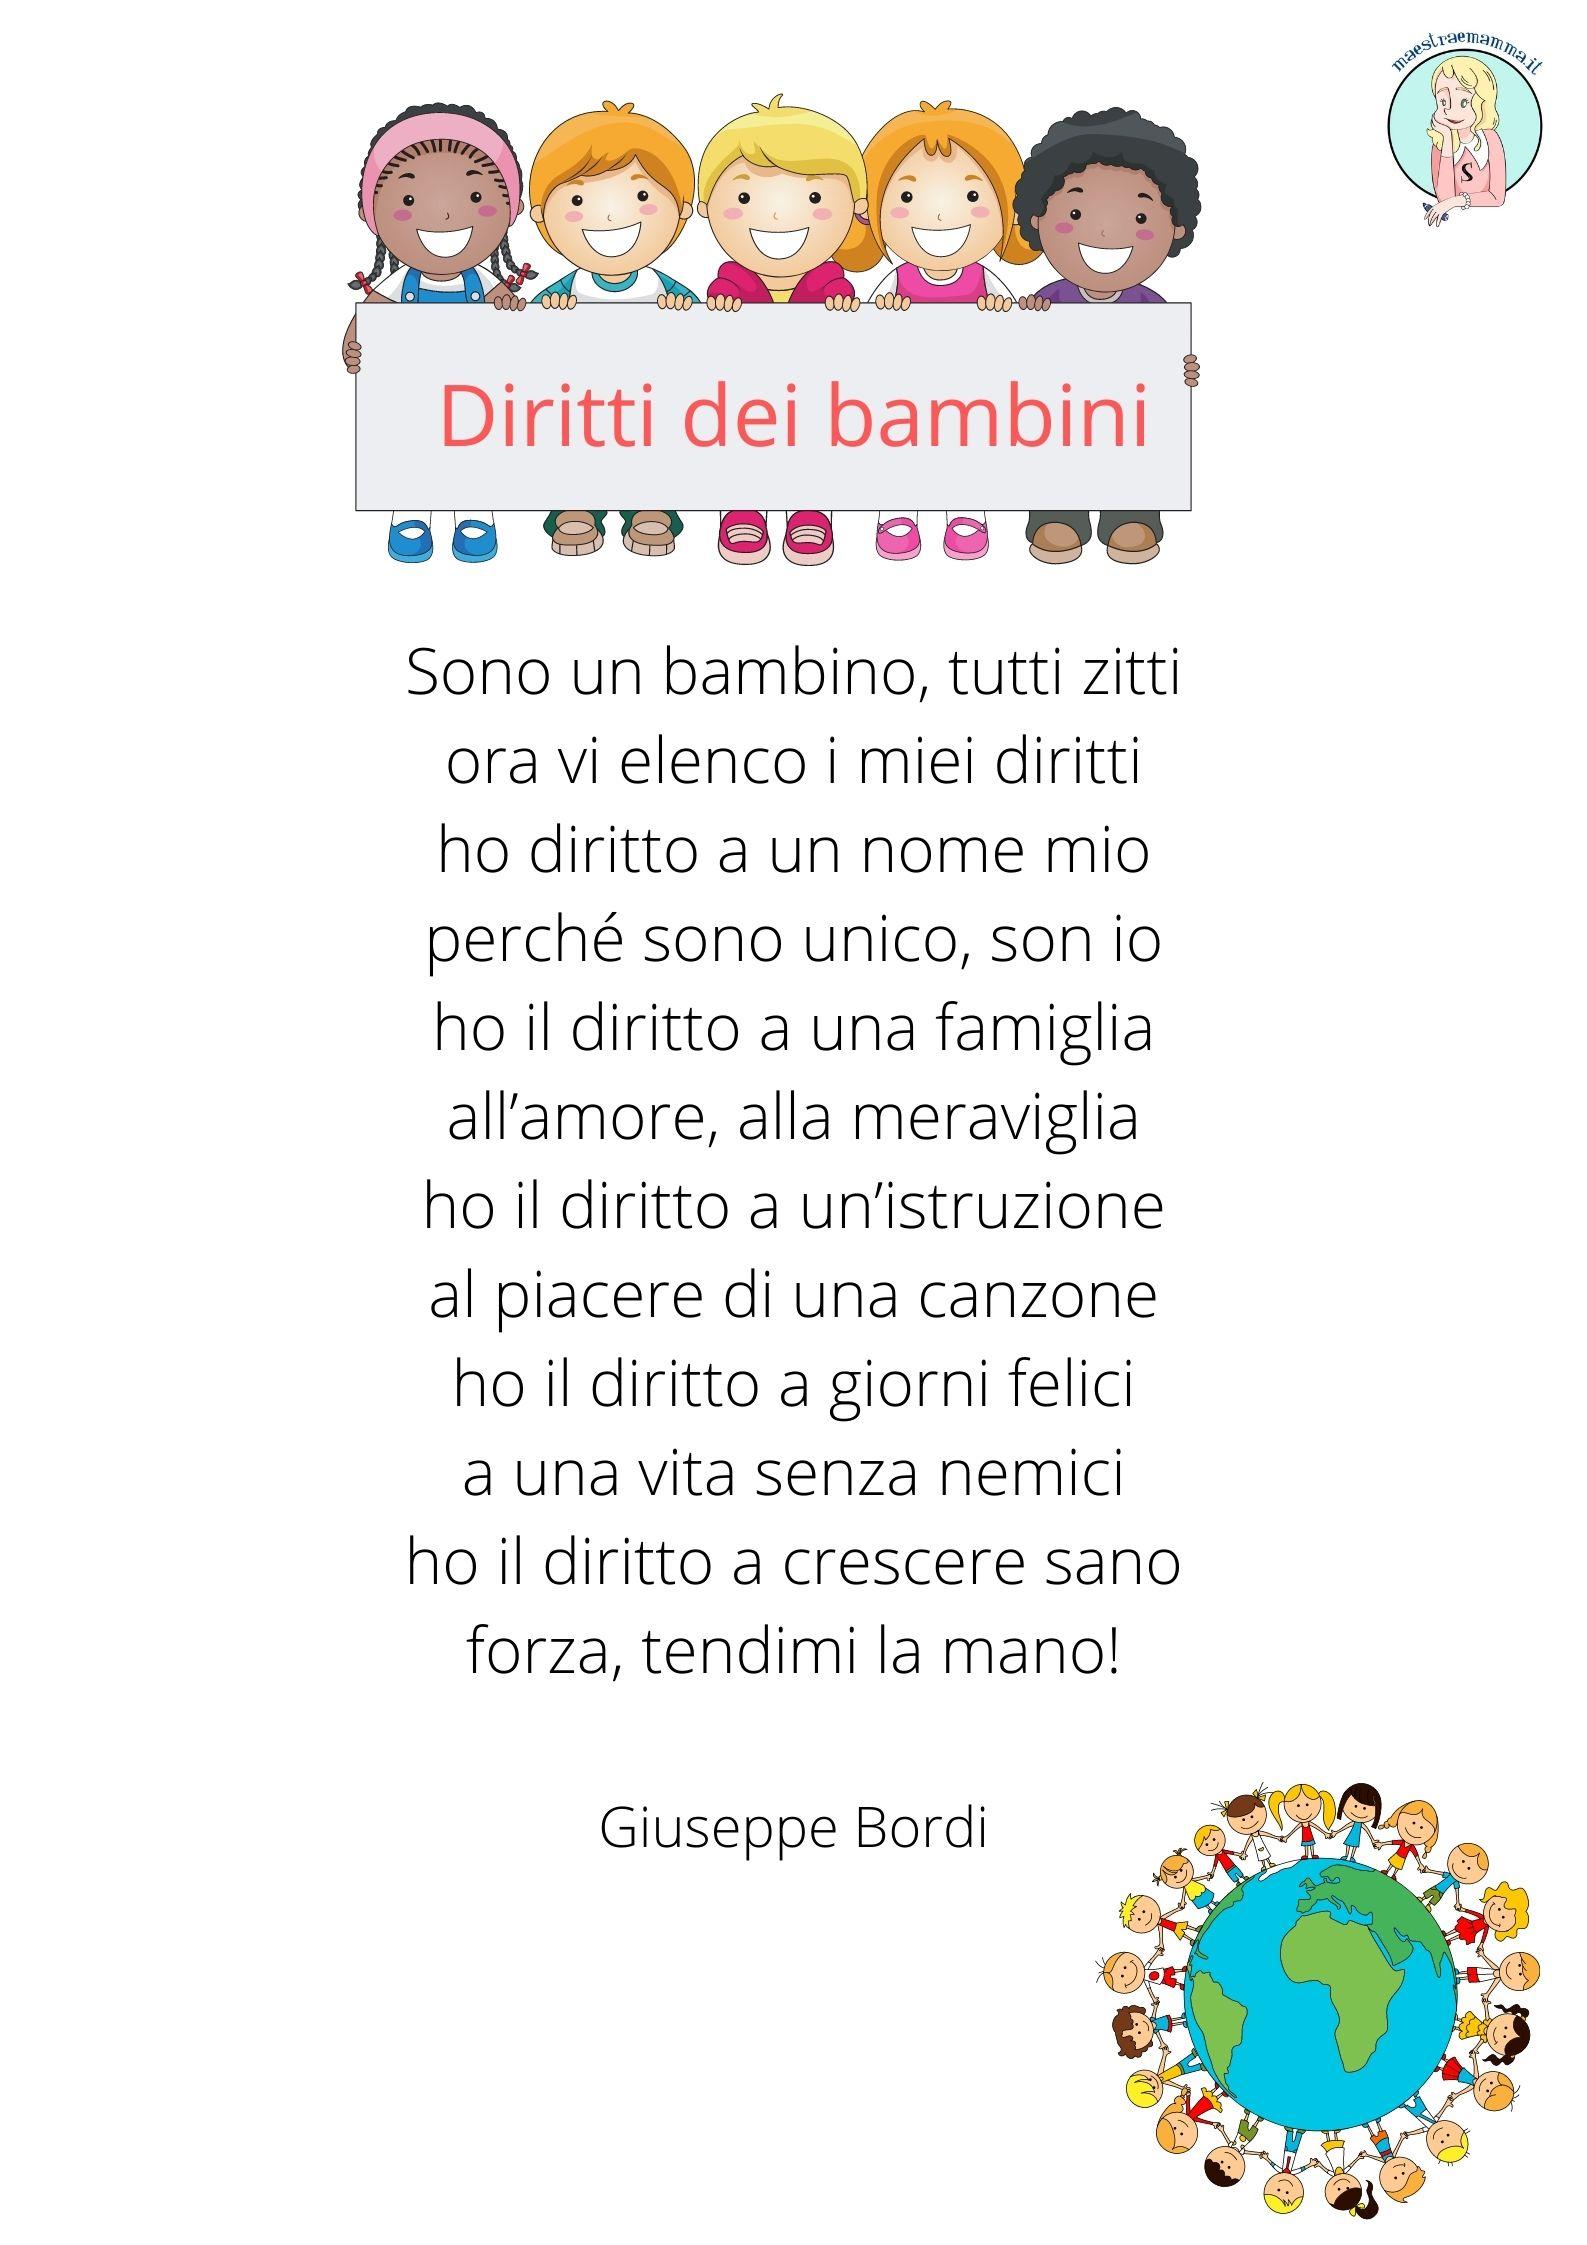 Filastrocca per la giornata de diritti dei bambini di Giuseppe Bordi